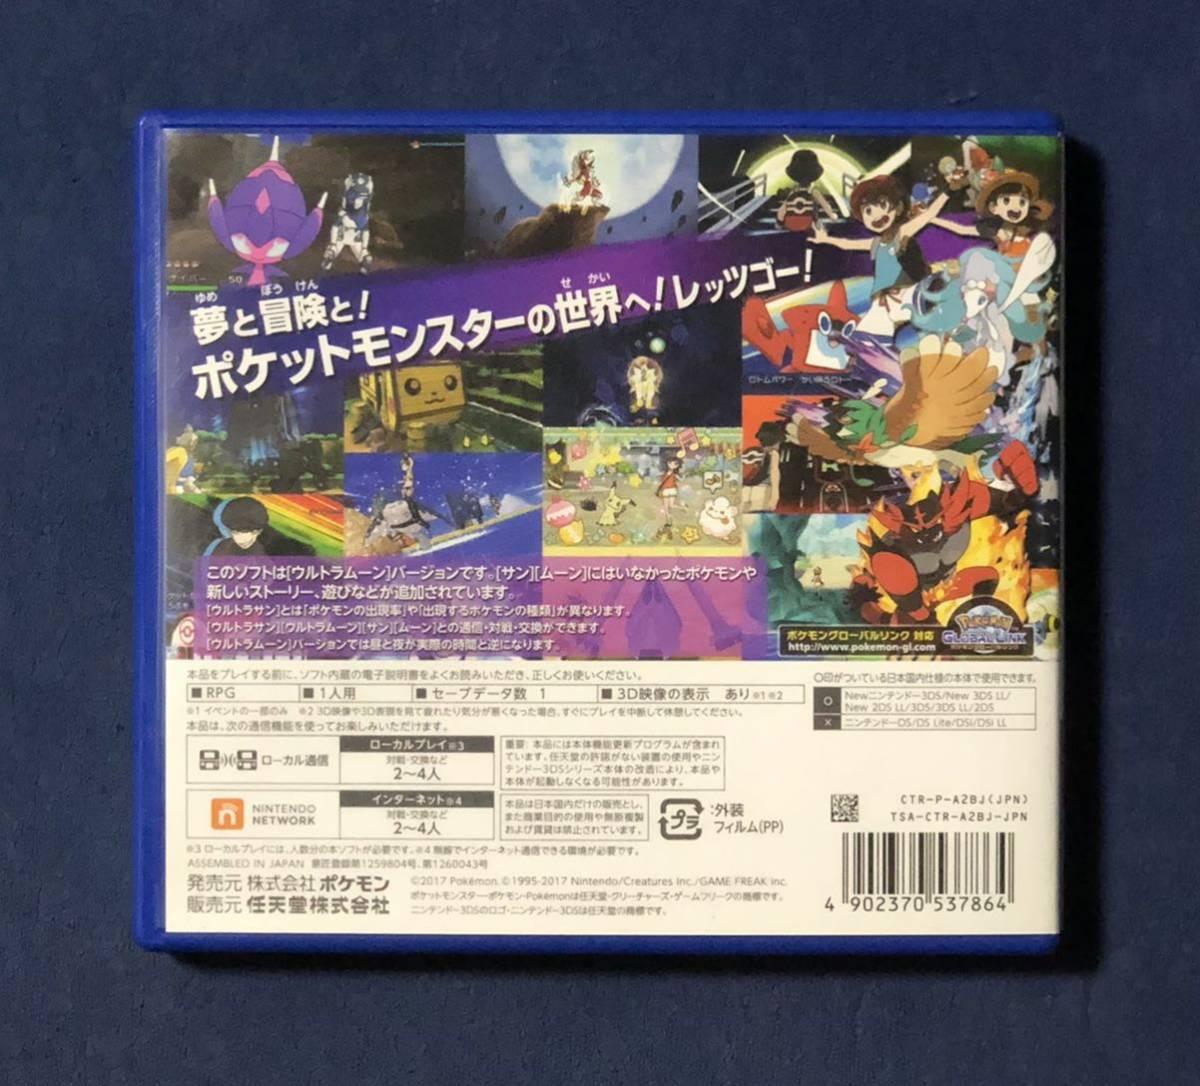 【動作確認画像有】 3DS ポケットモンスター ウルトラムーン ポケモン ニンテンドー3DS Nintendo ゲームソフト カセット ポケモン図鑑100%